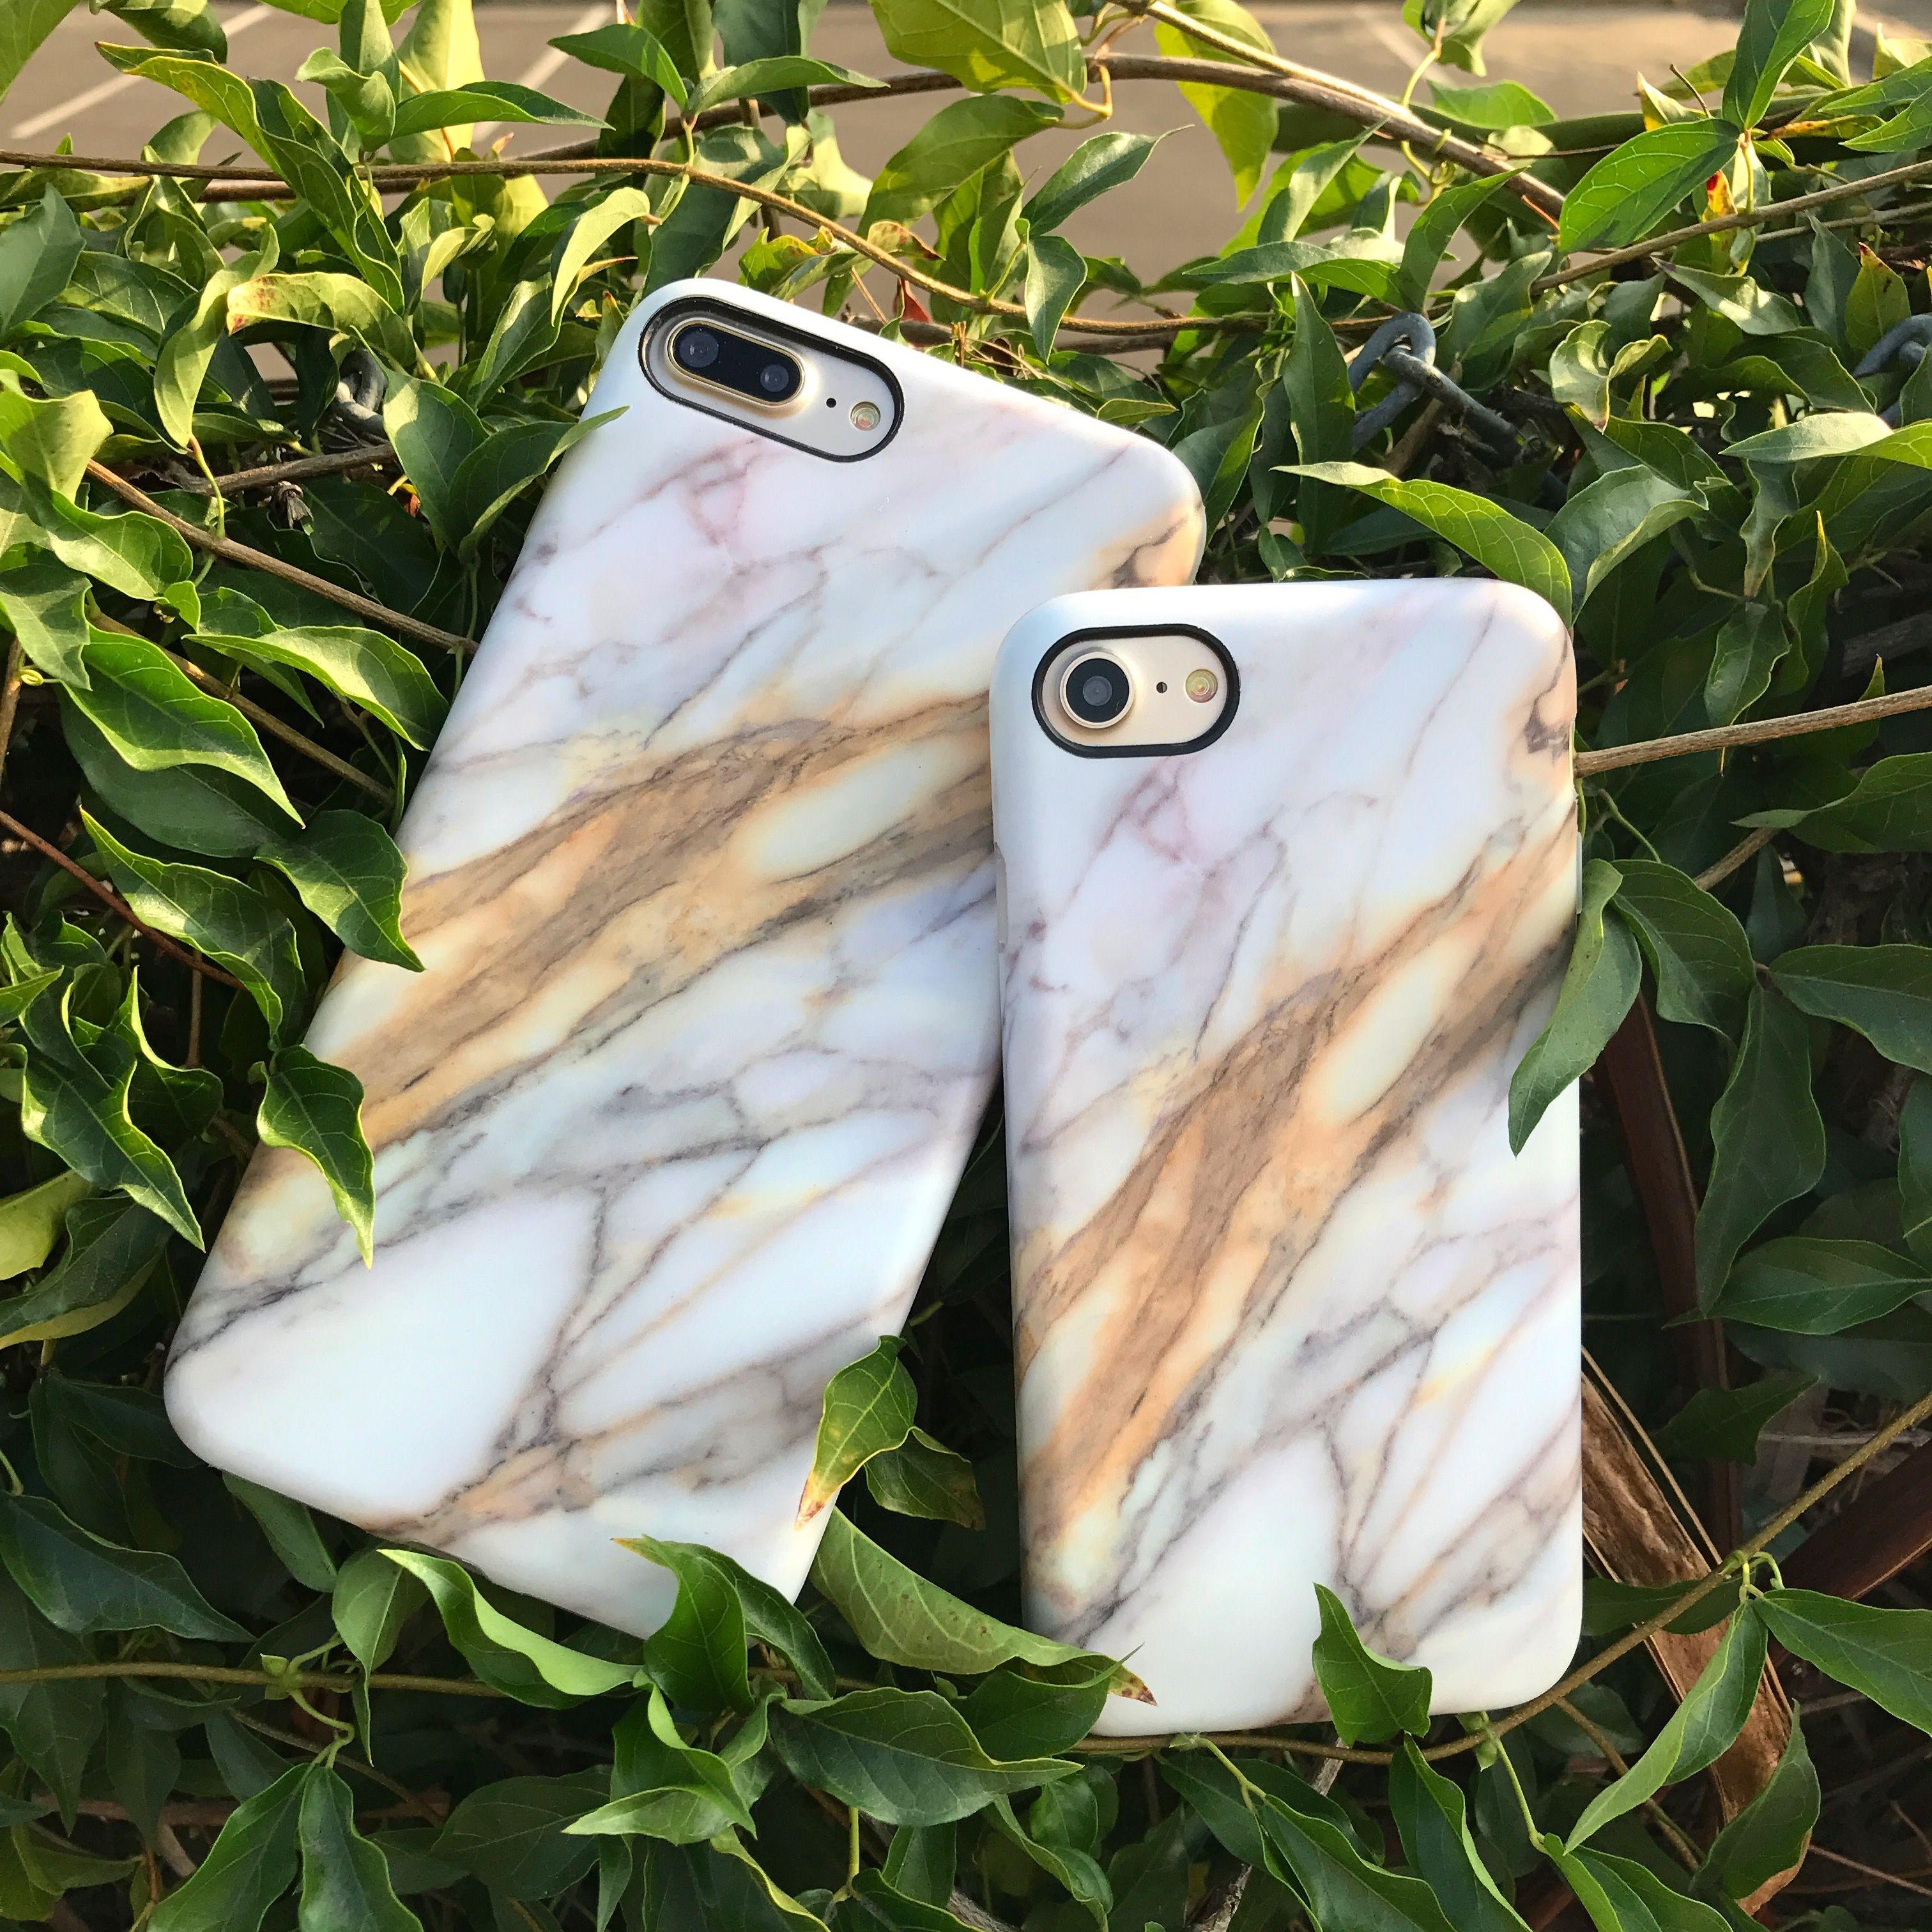 copper iphone 7 plus case